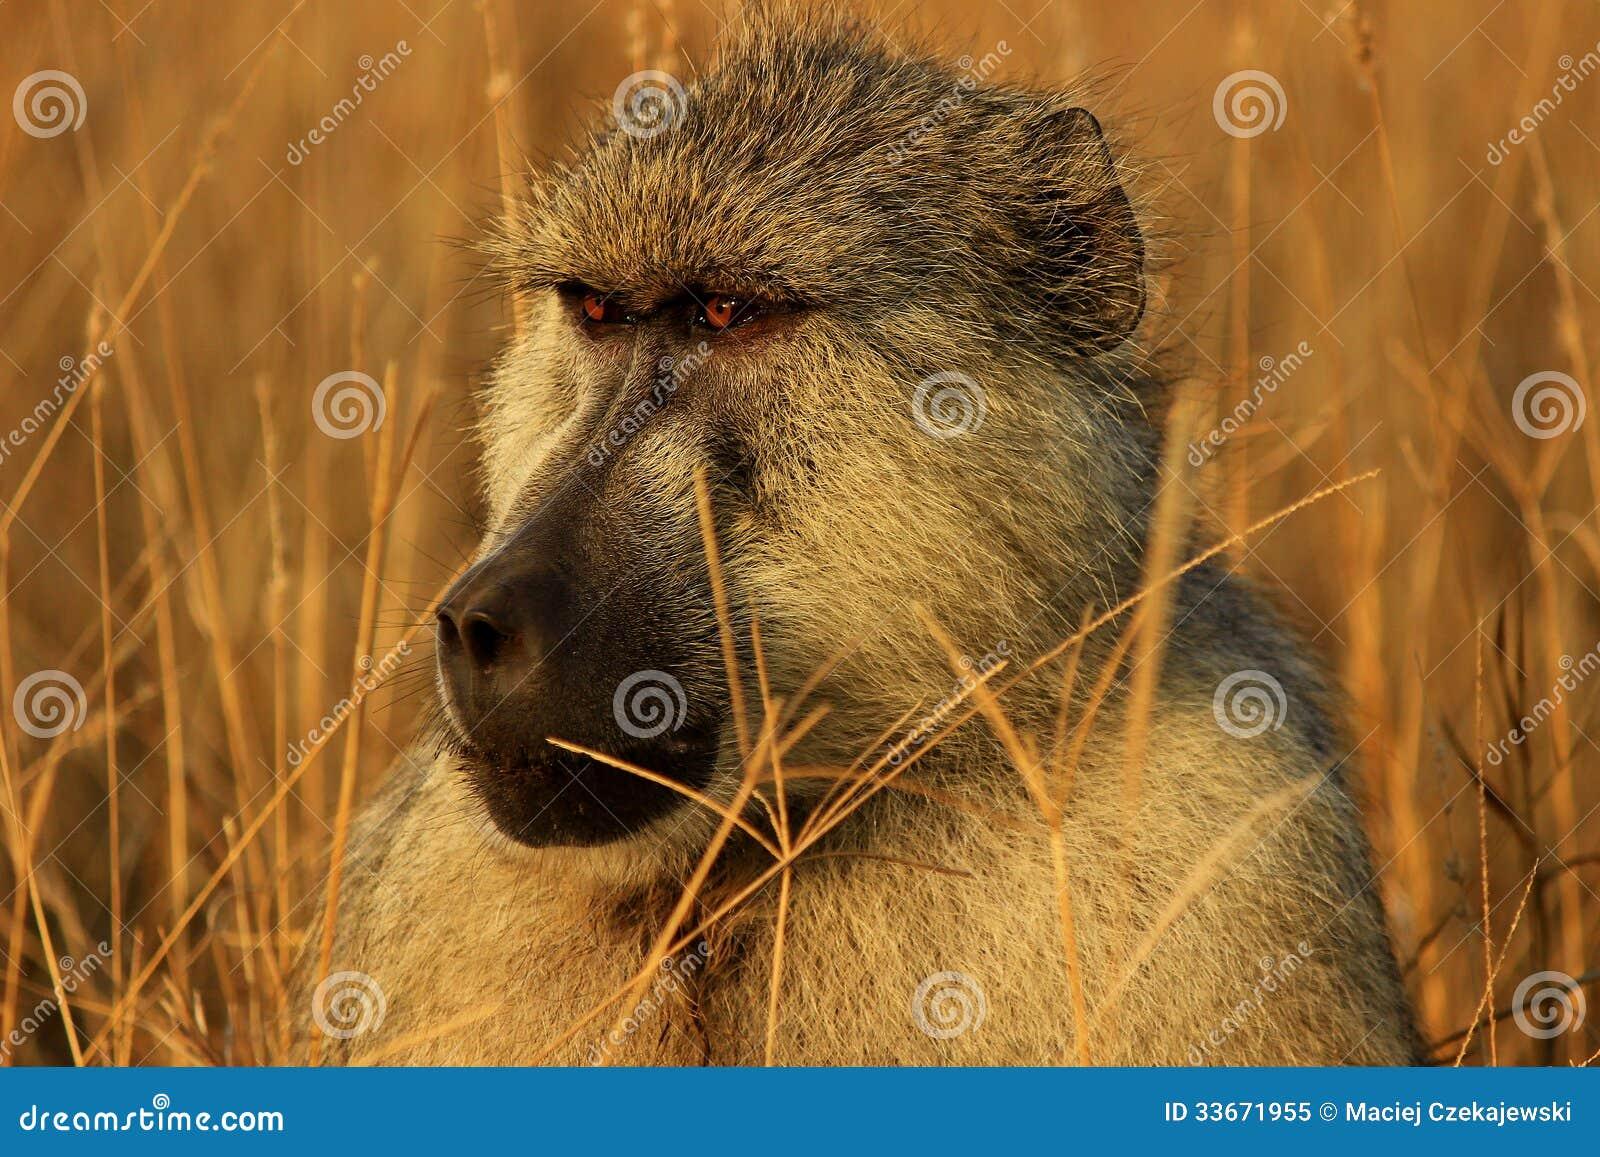 African baboon monkey